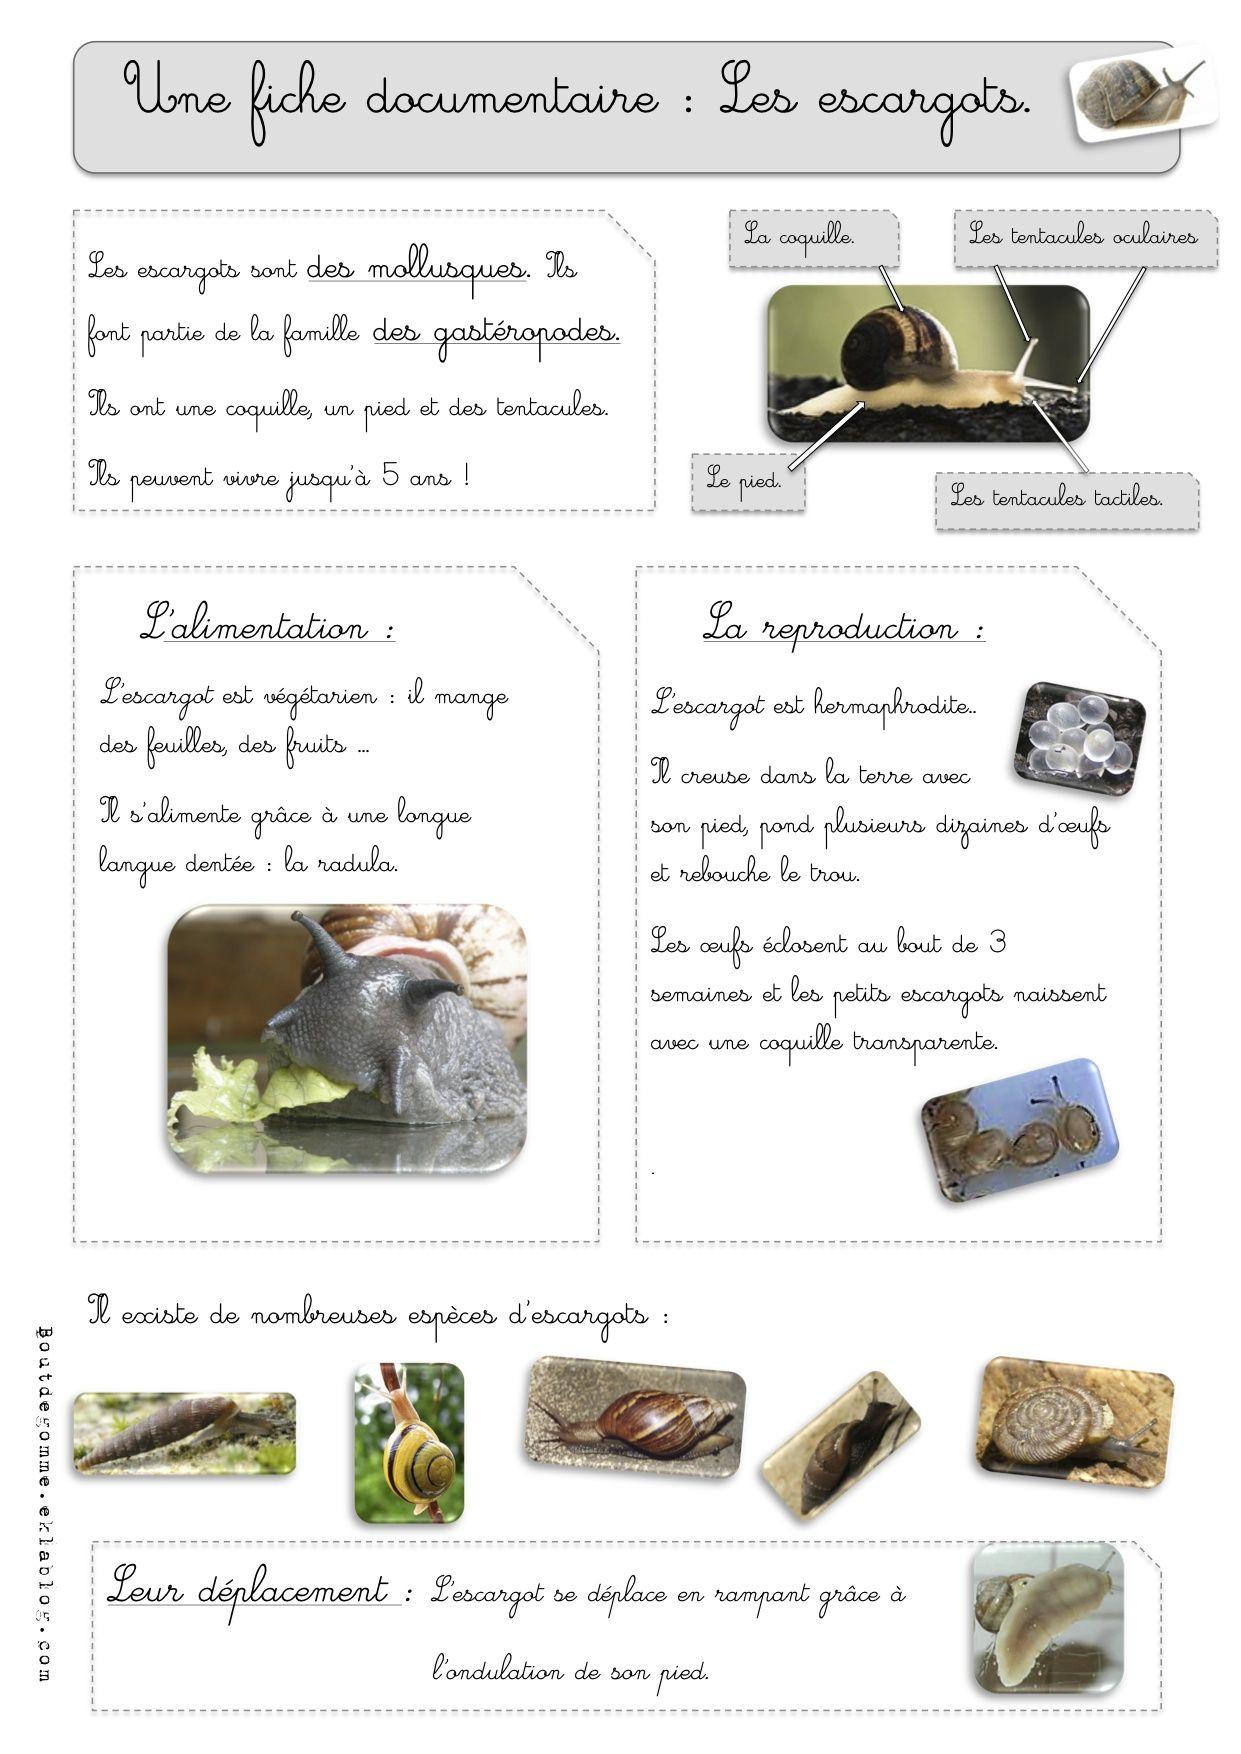 Les escargots fiche documentaire ce1 science for Evaluation travaux maison